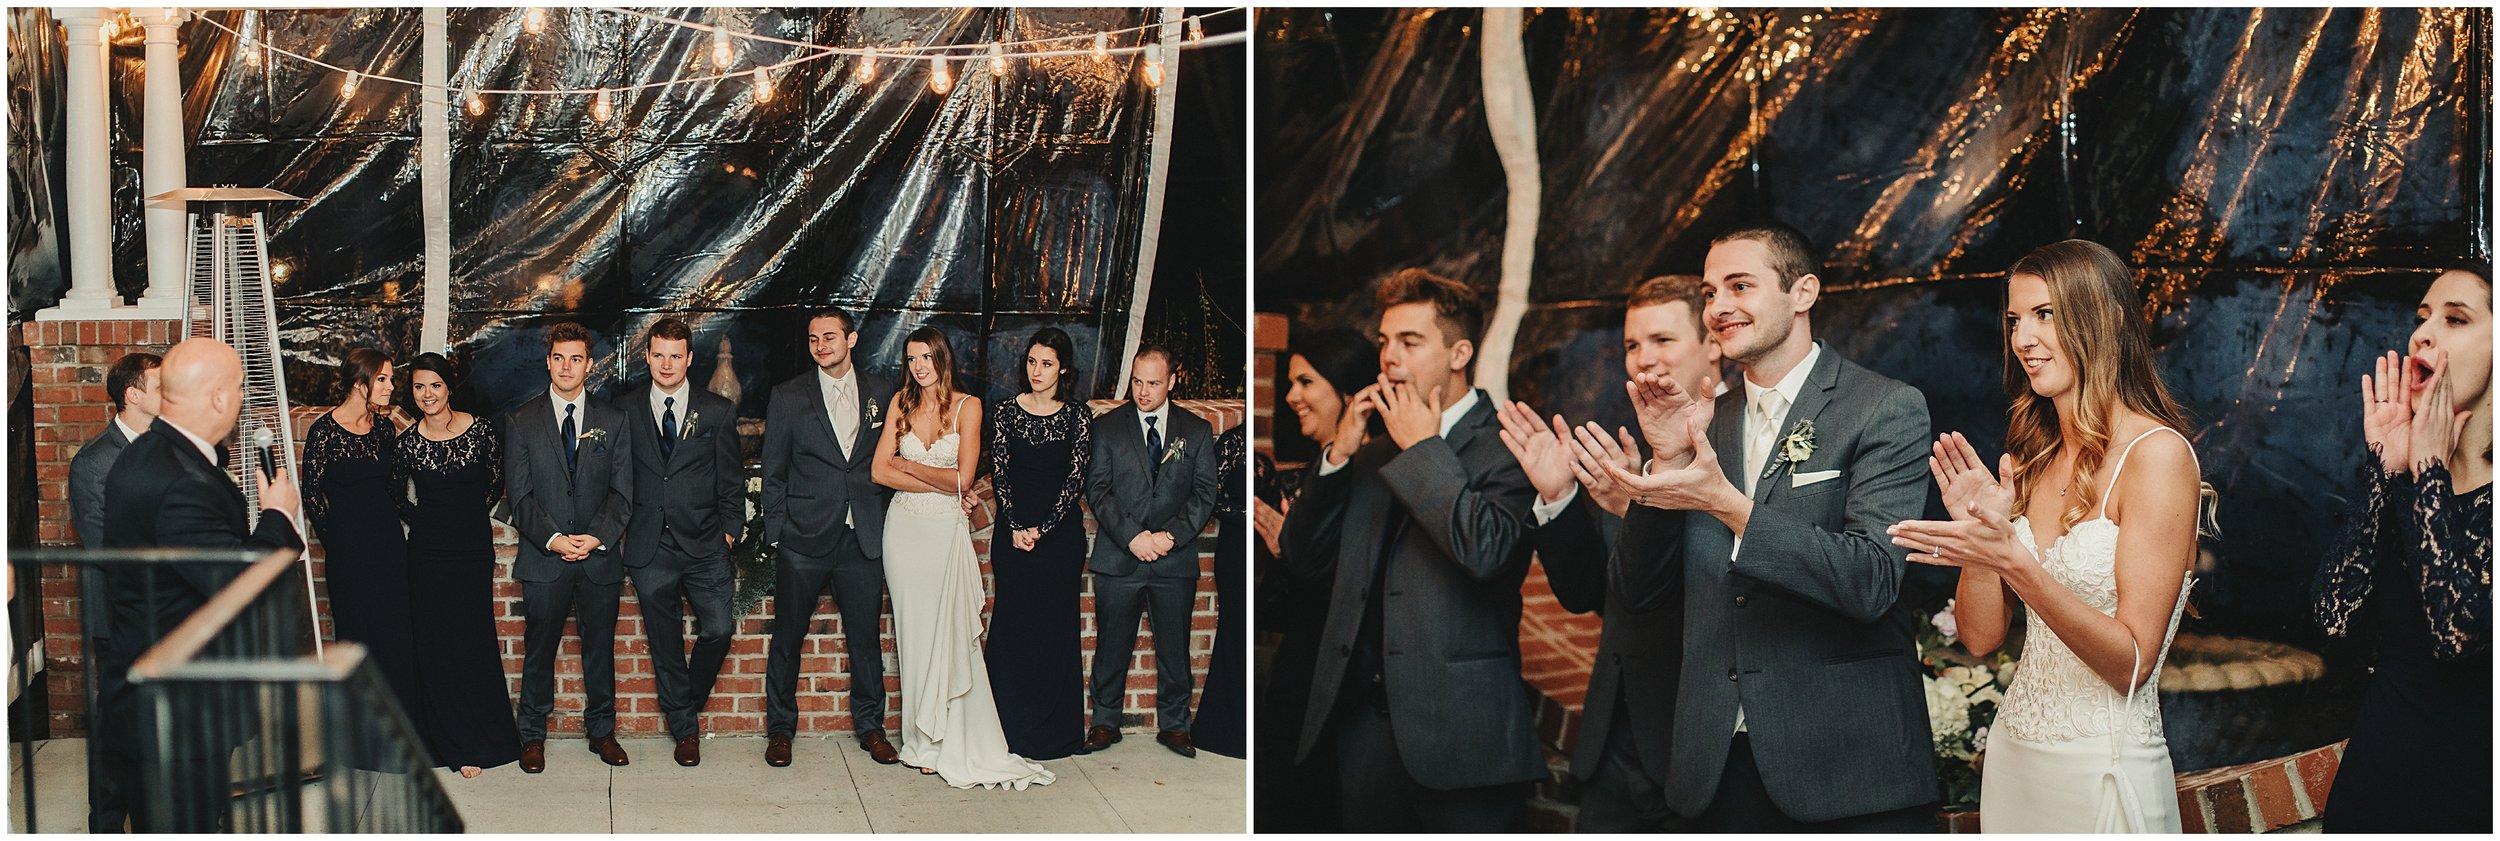 Ritchie Hill wedding_1296.jpg